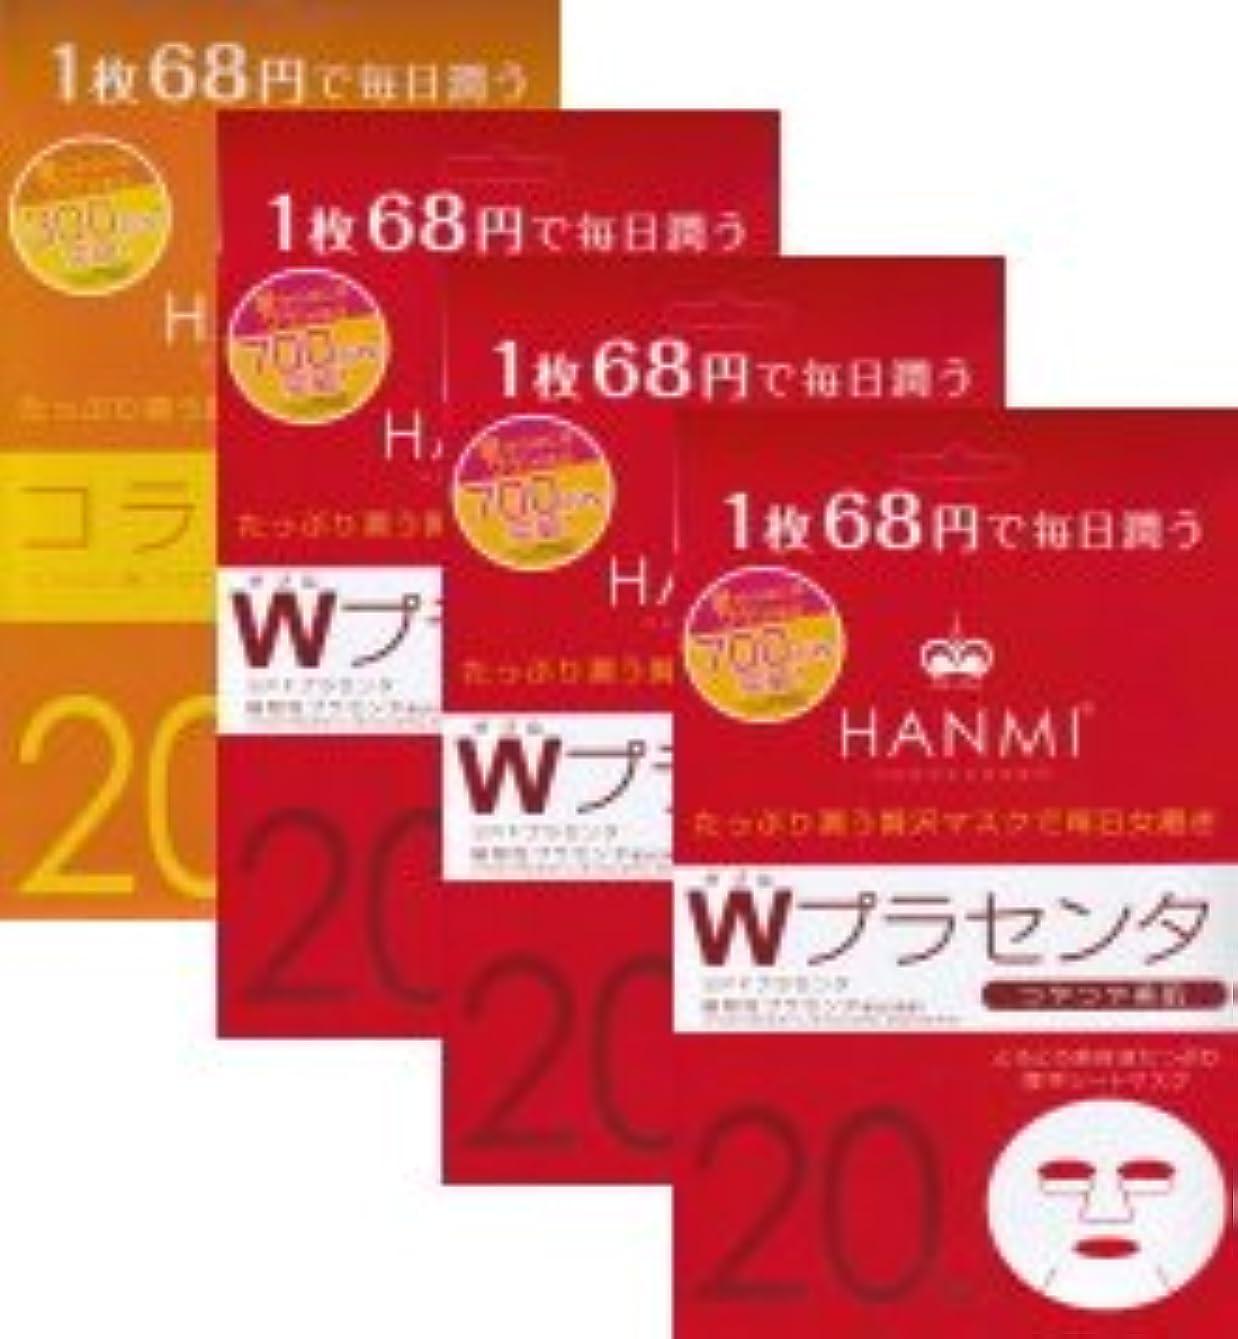 レビュー出撃者増幅器MIGAKI ハンミフェイスマスク(20枚入り)「コラーゲン×1個」「Wプラセンタ×3個」の4個セット